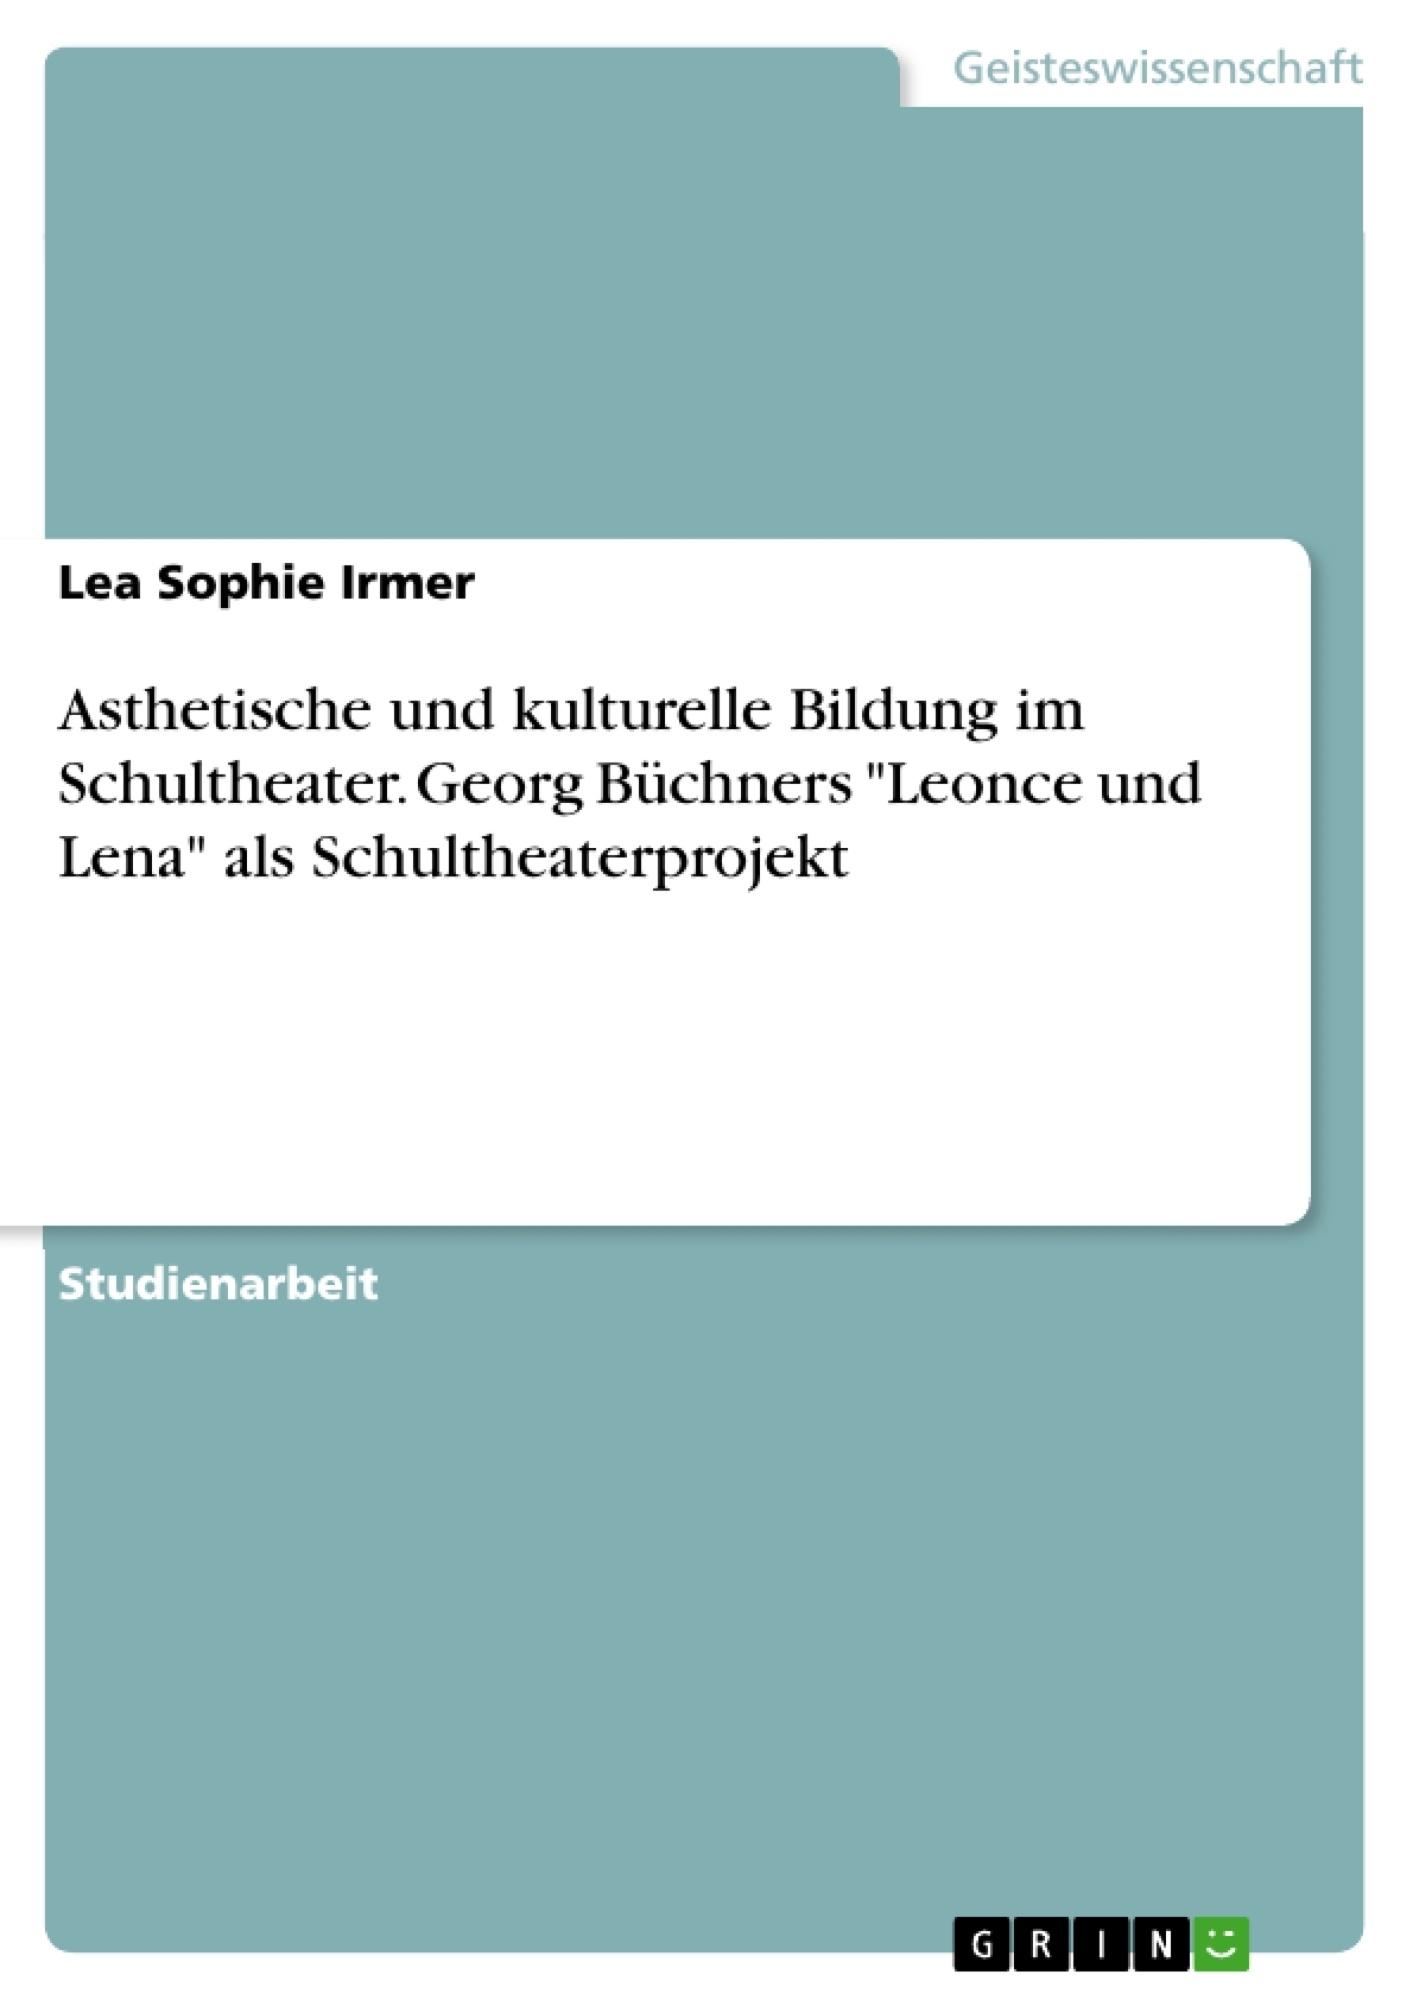 """Titel: Asthetische und kulturelle Bildung im Schultheater. Georg Büchners """"Leonce und Lena"""" als Schultheaterprojekt"""